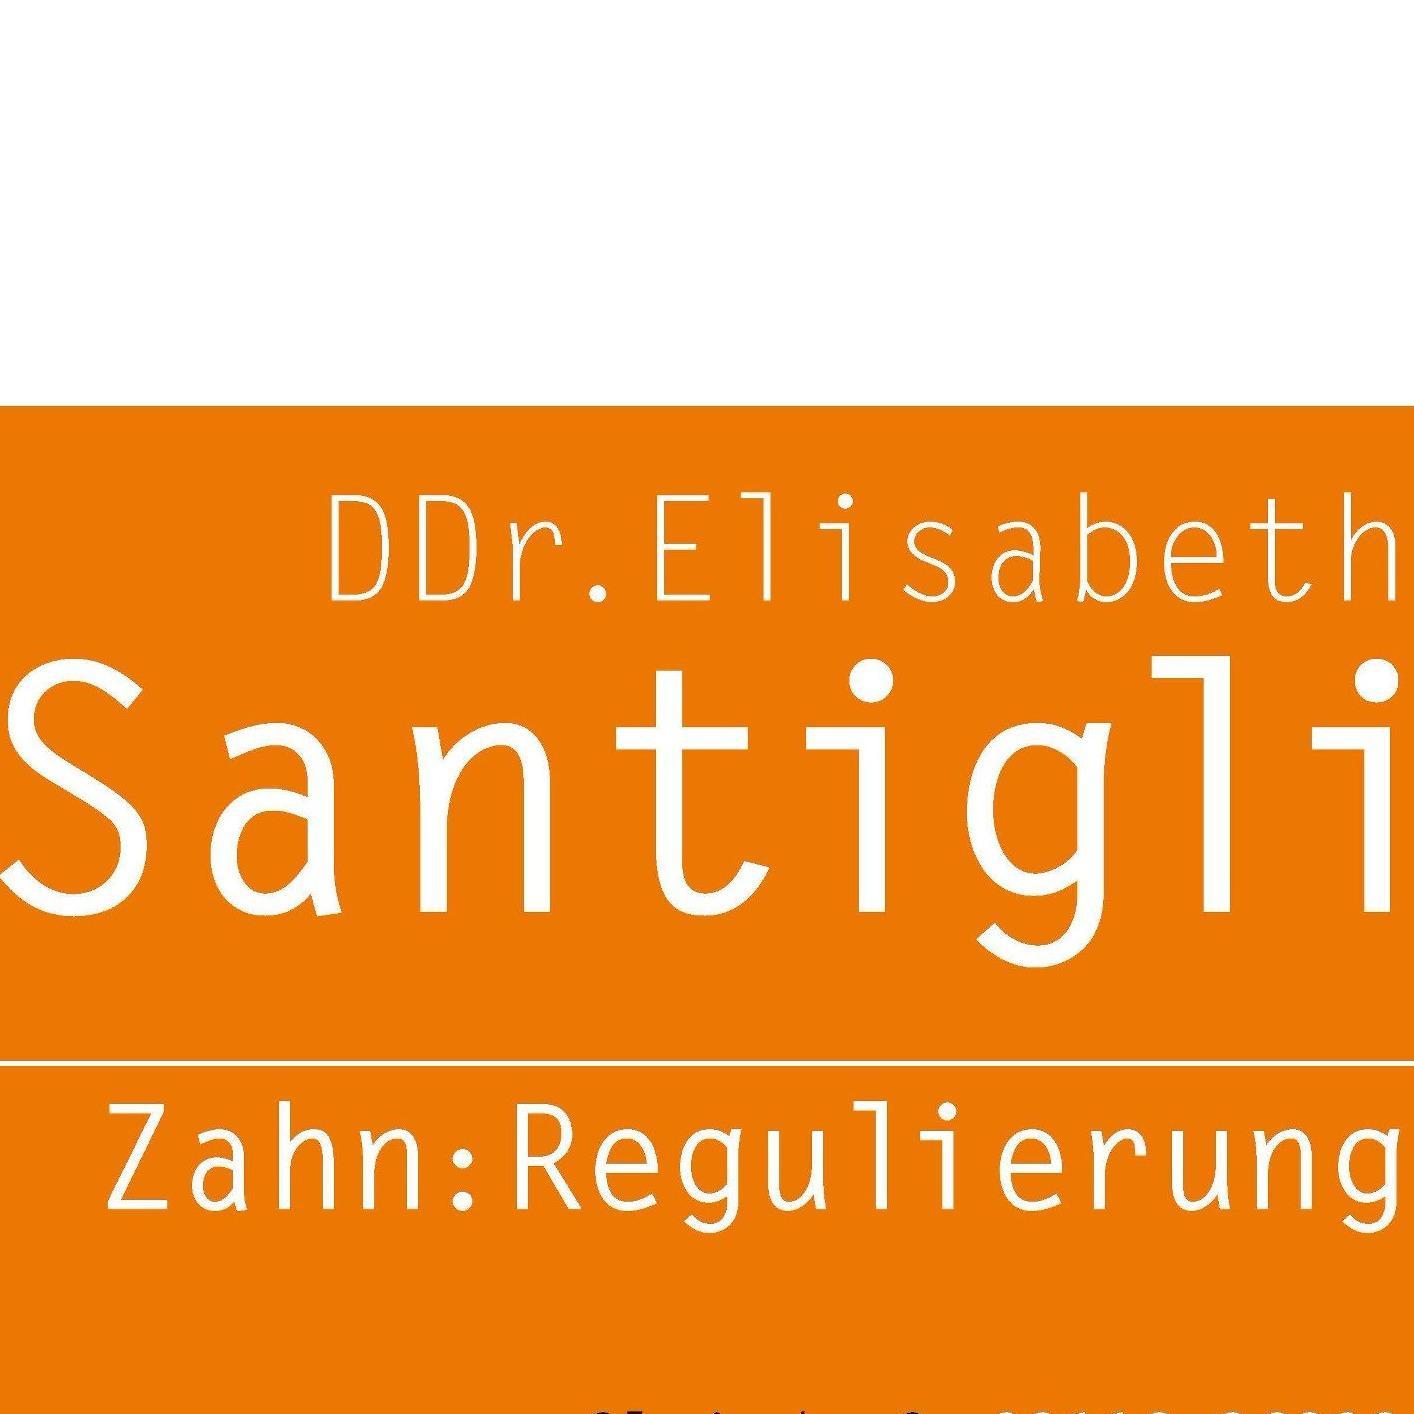 DDr. Elisabeth Santigli